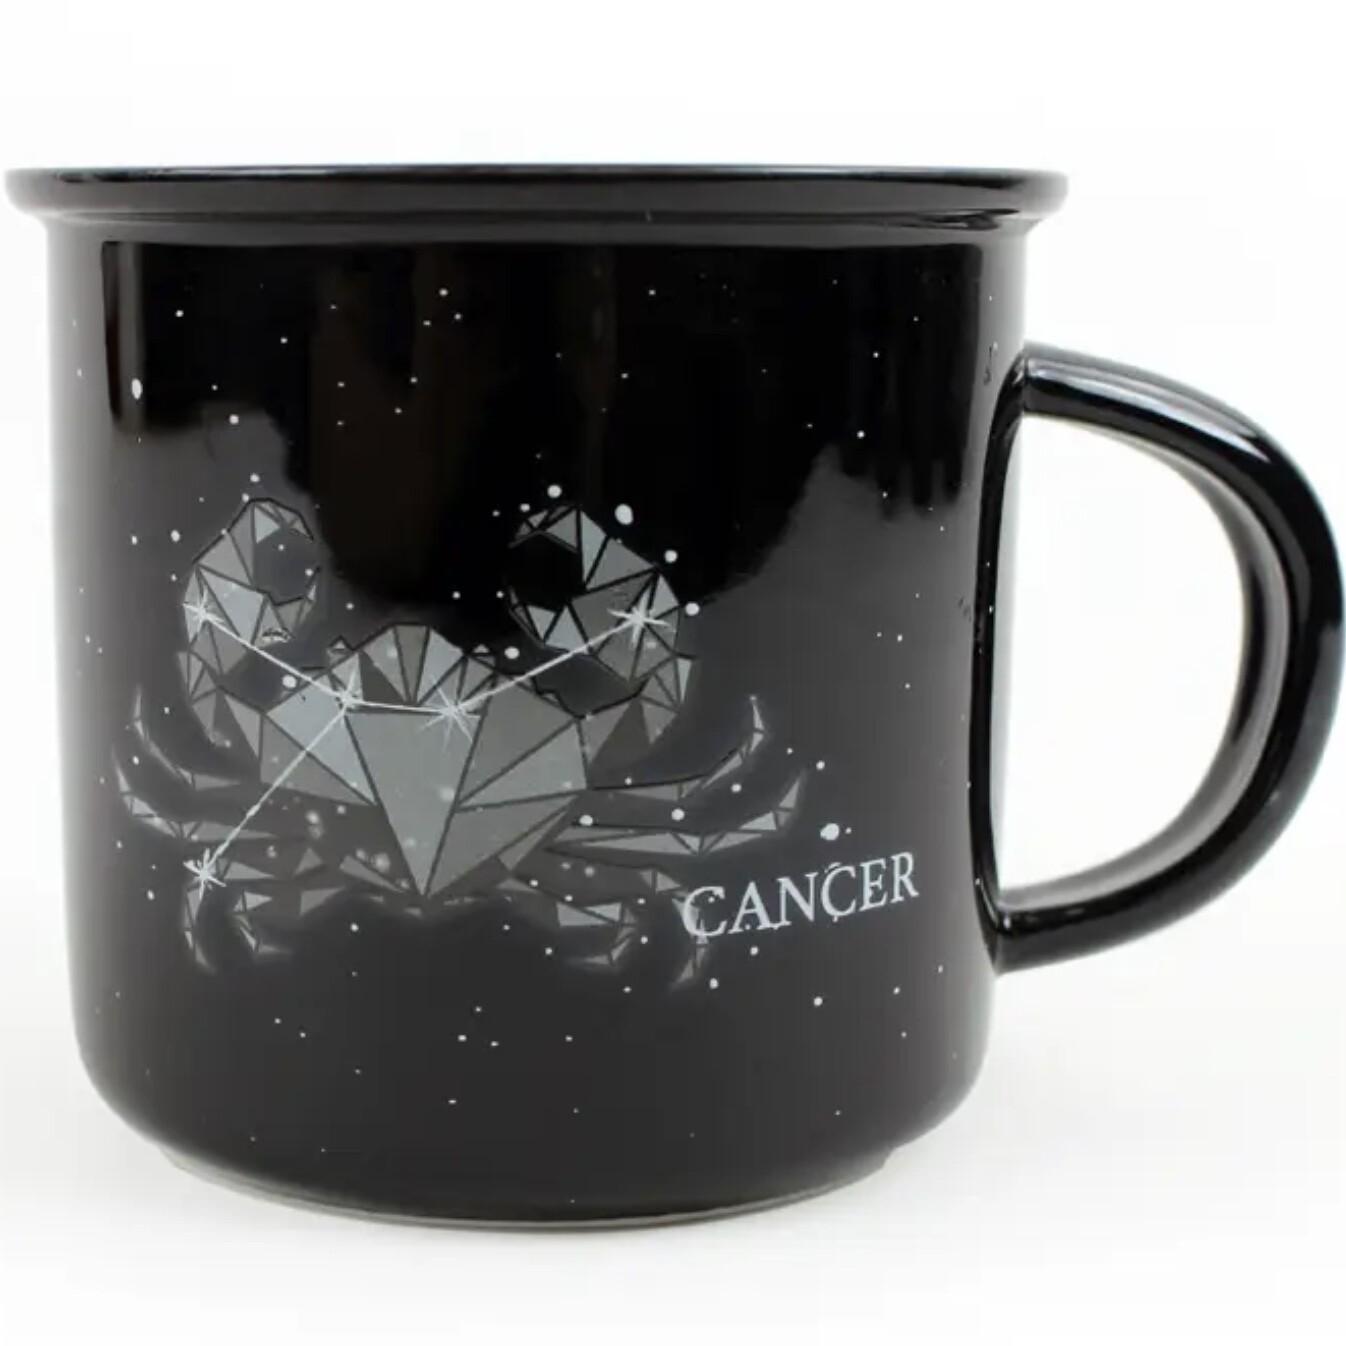 Cancer Constellation Ceramic Camp Mug